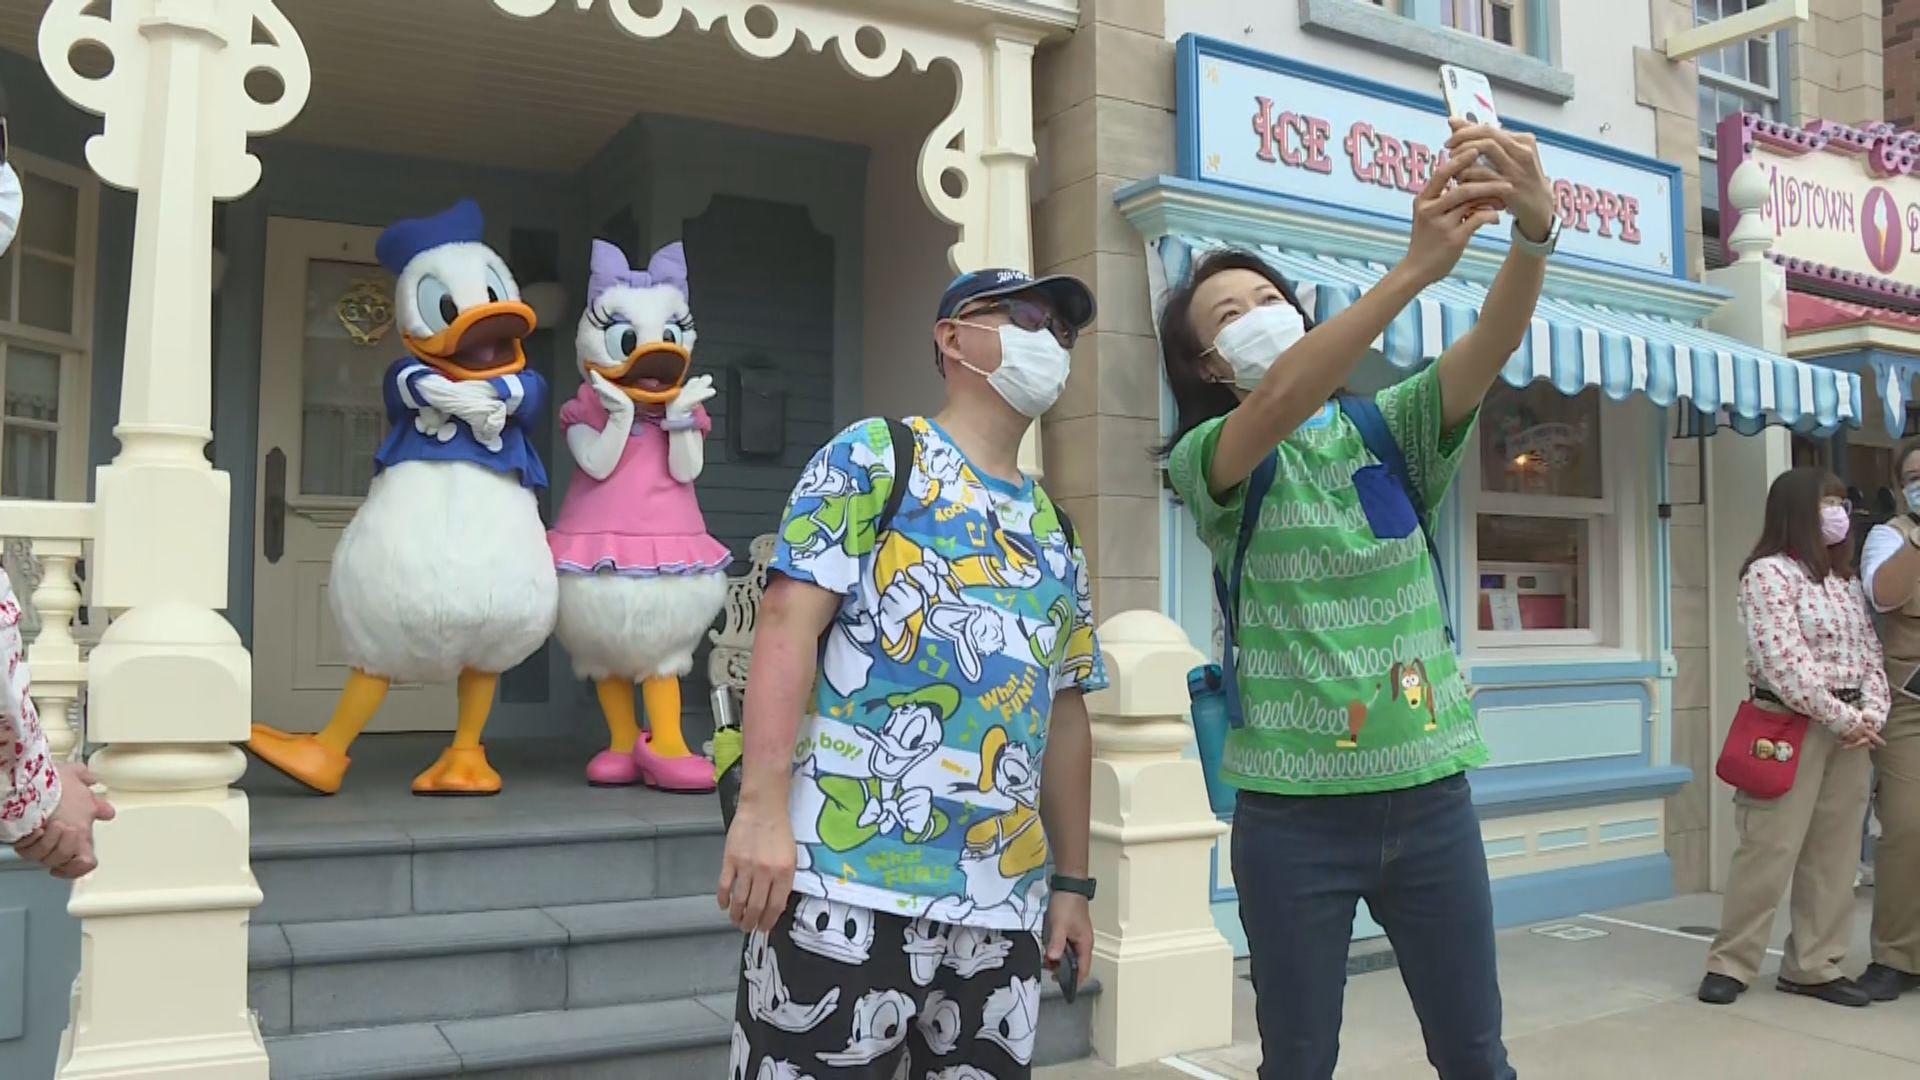 迪士尼樂園重開 園內限制人數及實施防疫措施